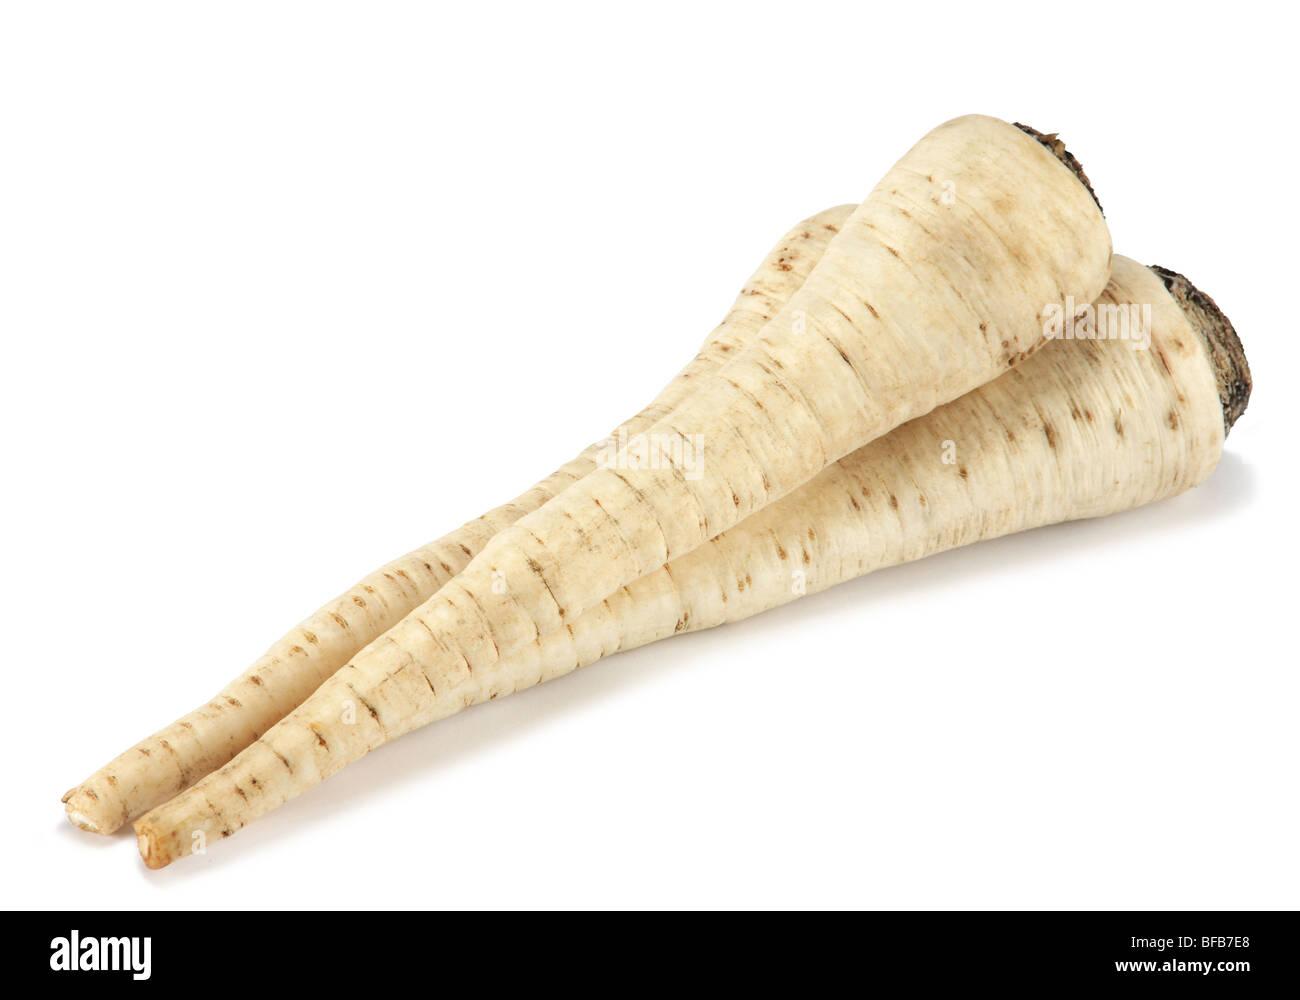 Le persil racine végétale gros plan sur fond blanc Photo Stock